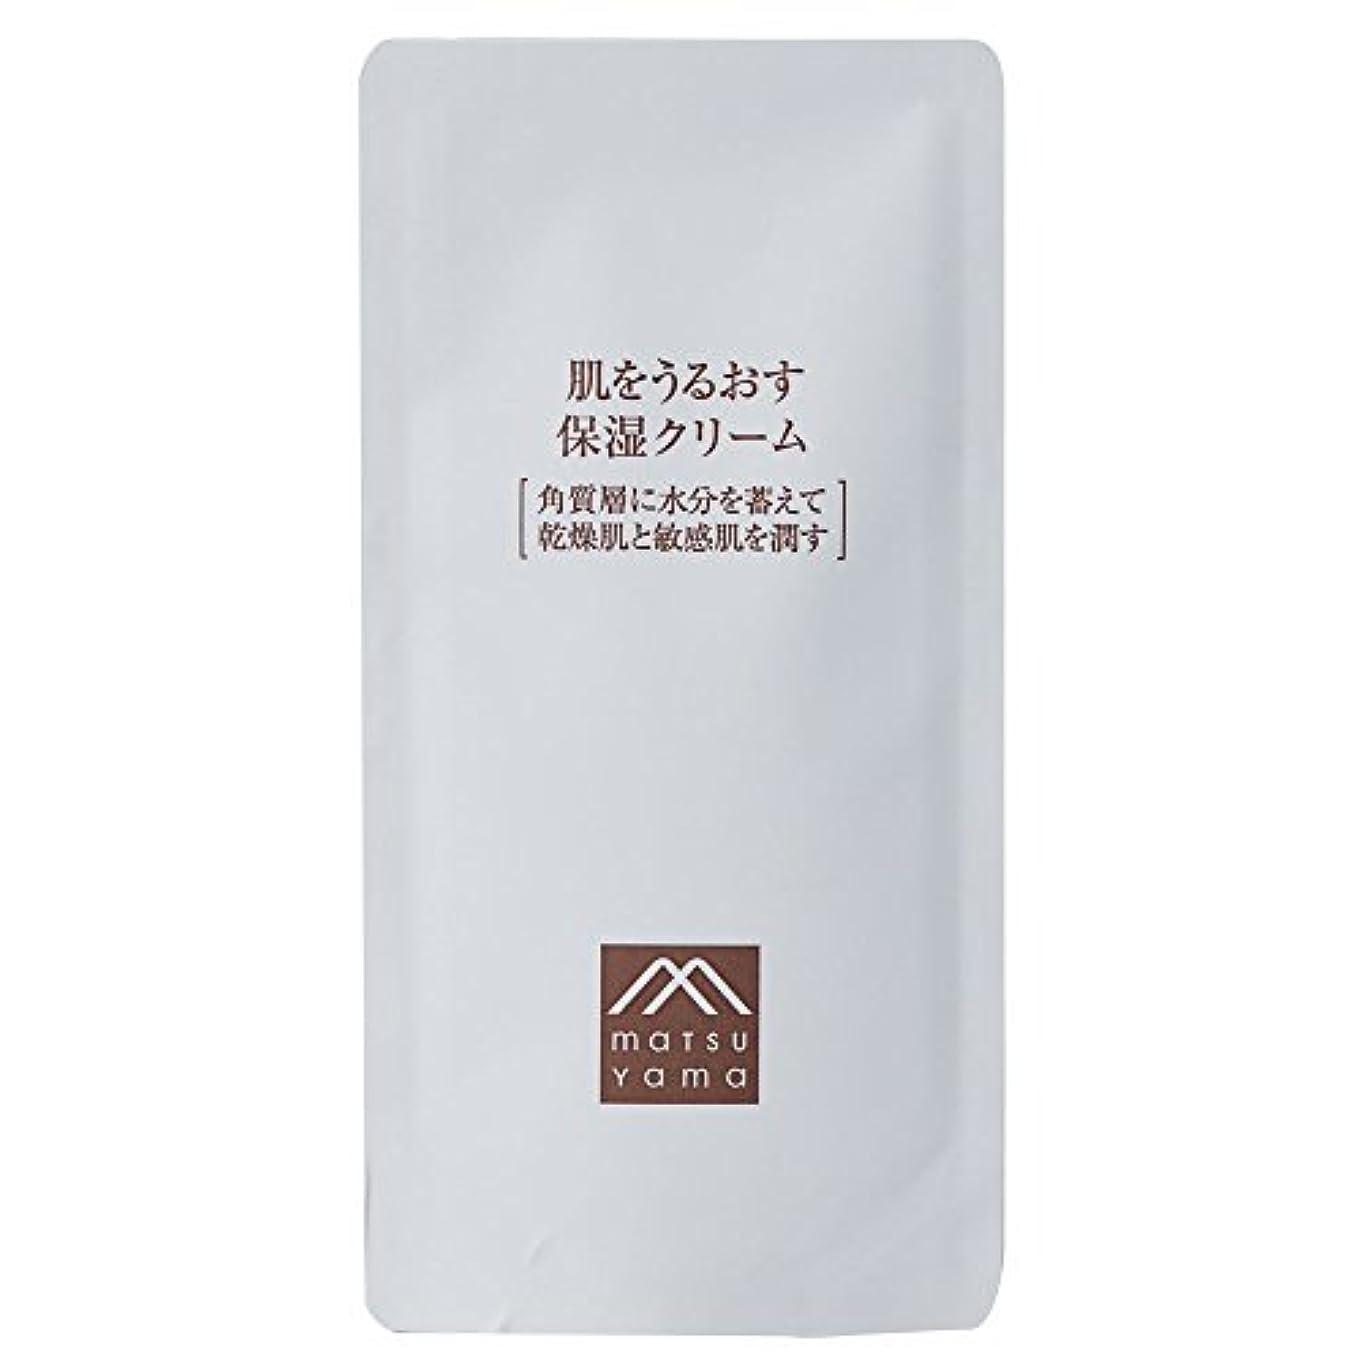 不良パラナ川当社肌をうるおす保湿クリーム 詰替用(クリーム) 濃厚クリーム [乾燥肌 敏感肌]